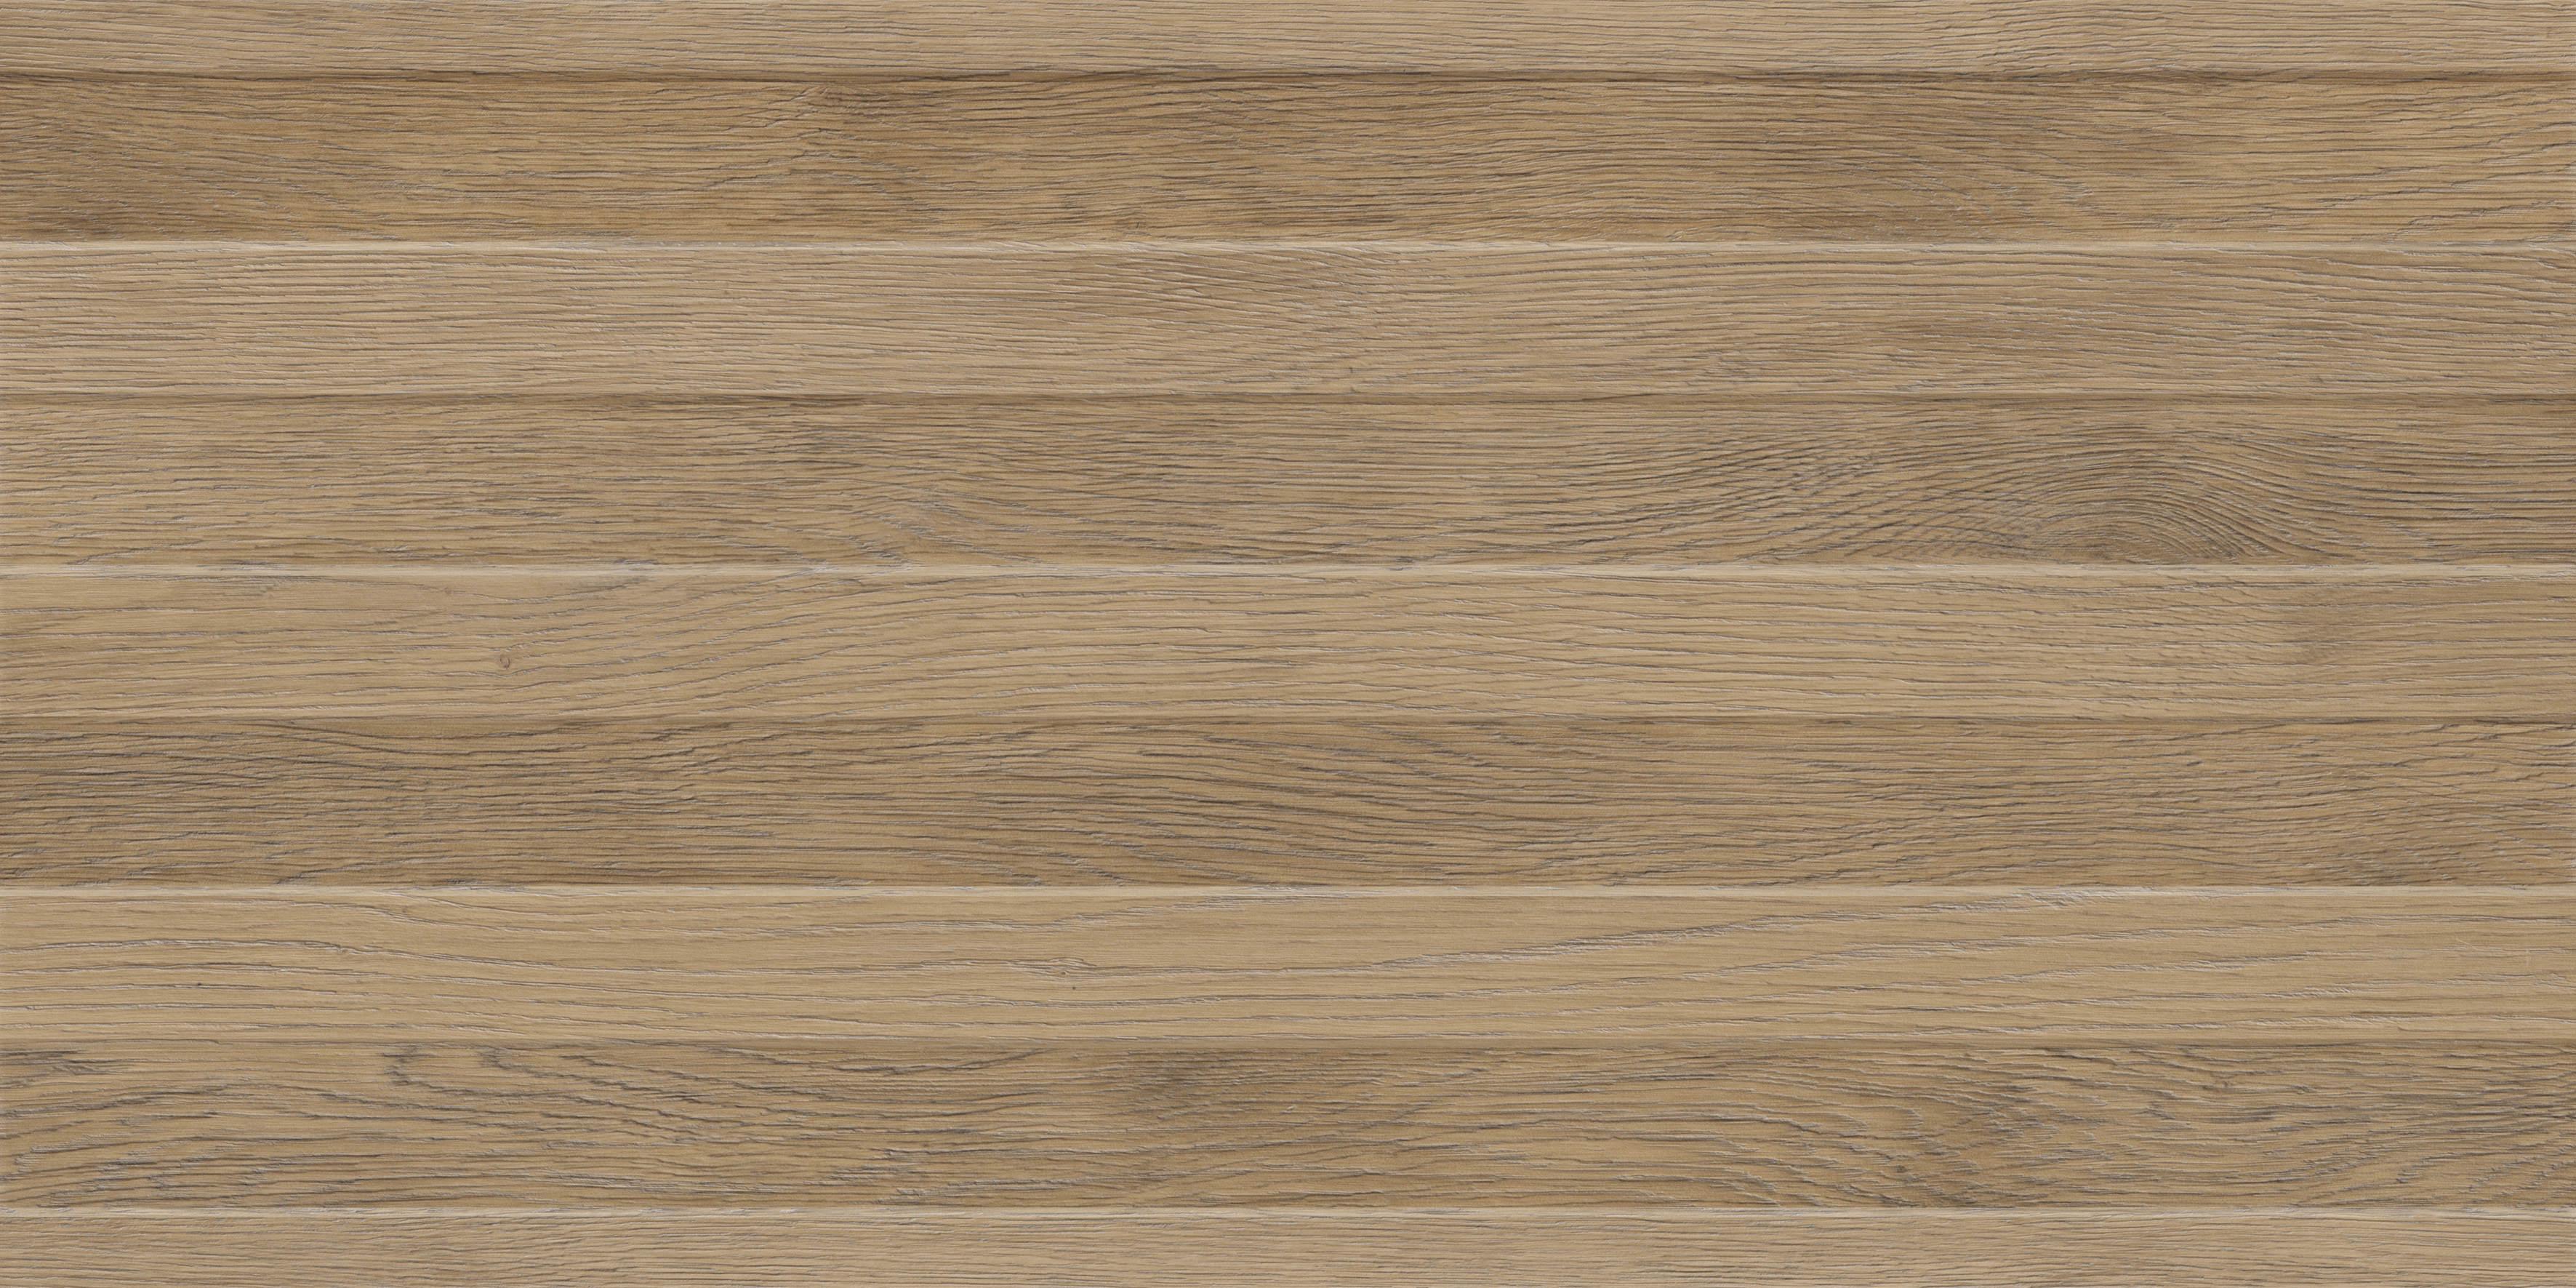 Faianță pentru baie Opoczno Paula Wood Structure 297x600 texturată și mată maro / 7